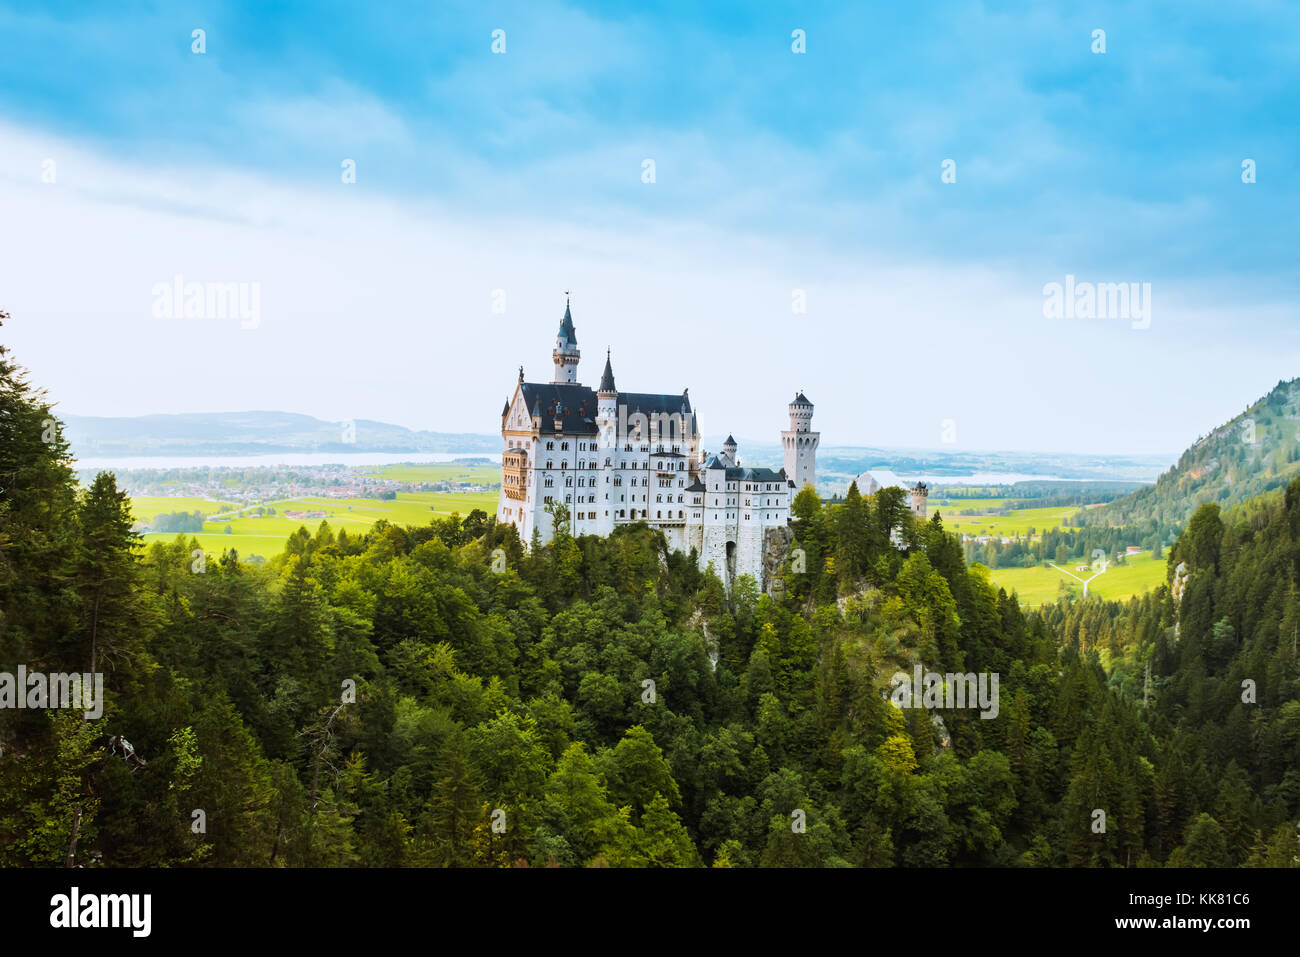 Splendida veduta aerea del castello di Neuschwanstein e nella stagione estiva Immagini Stock